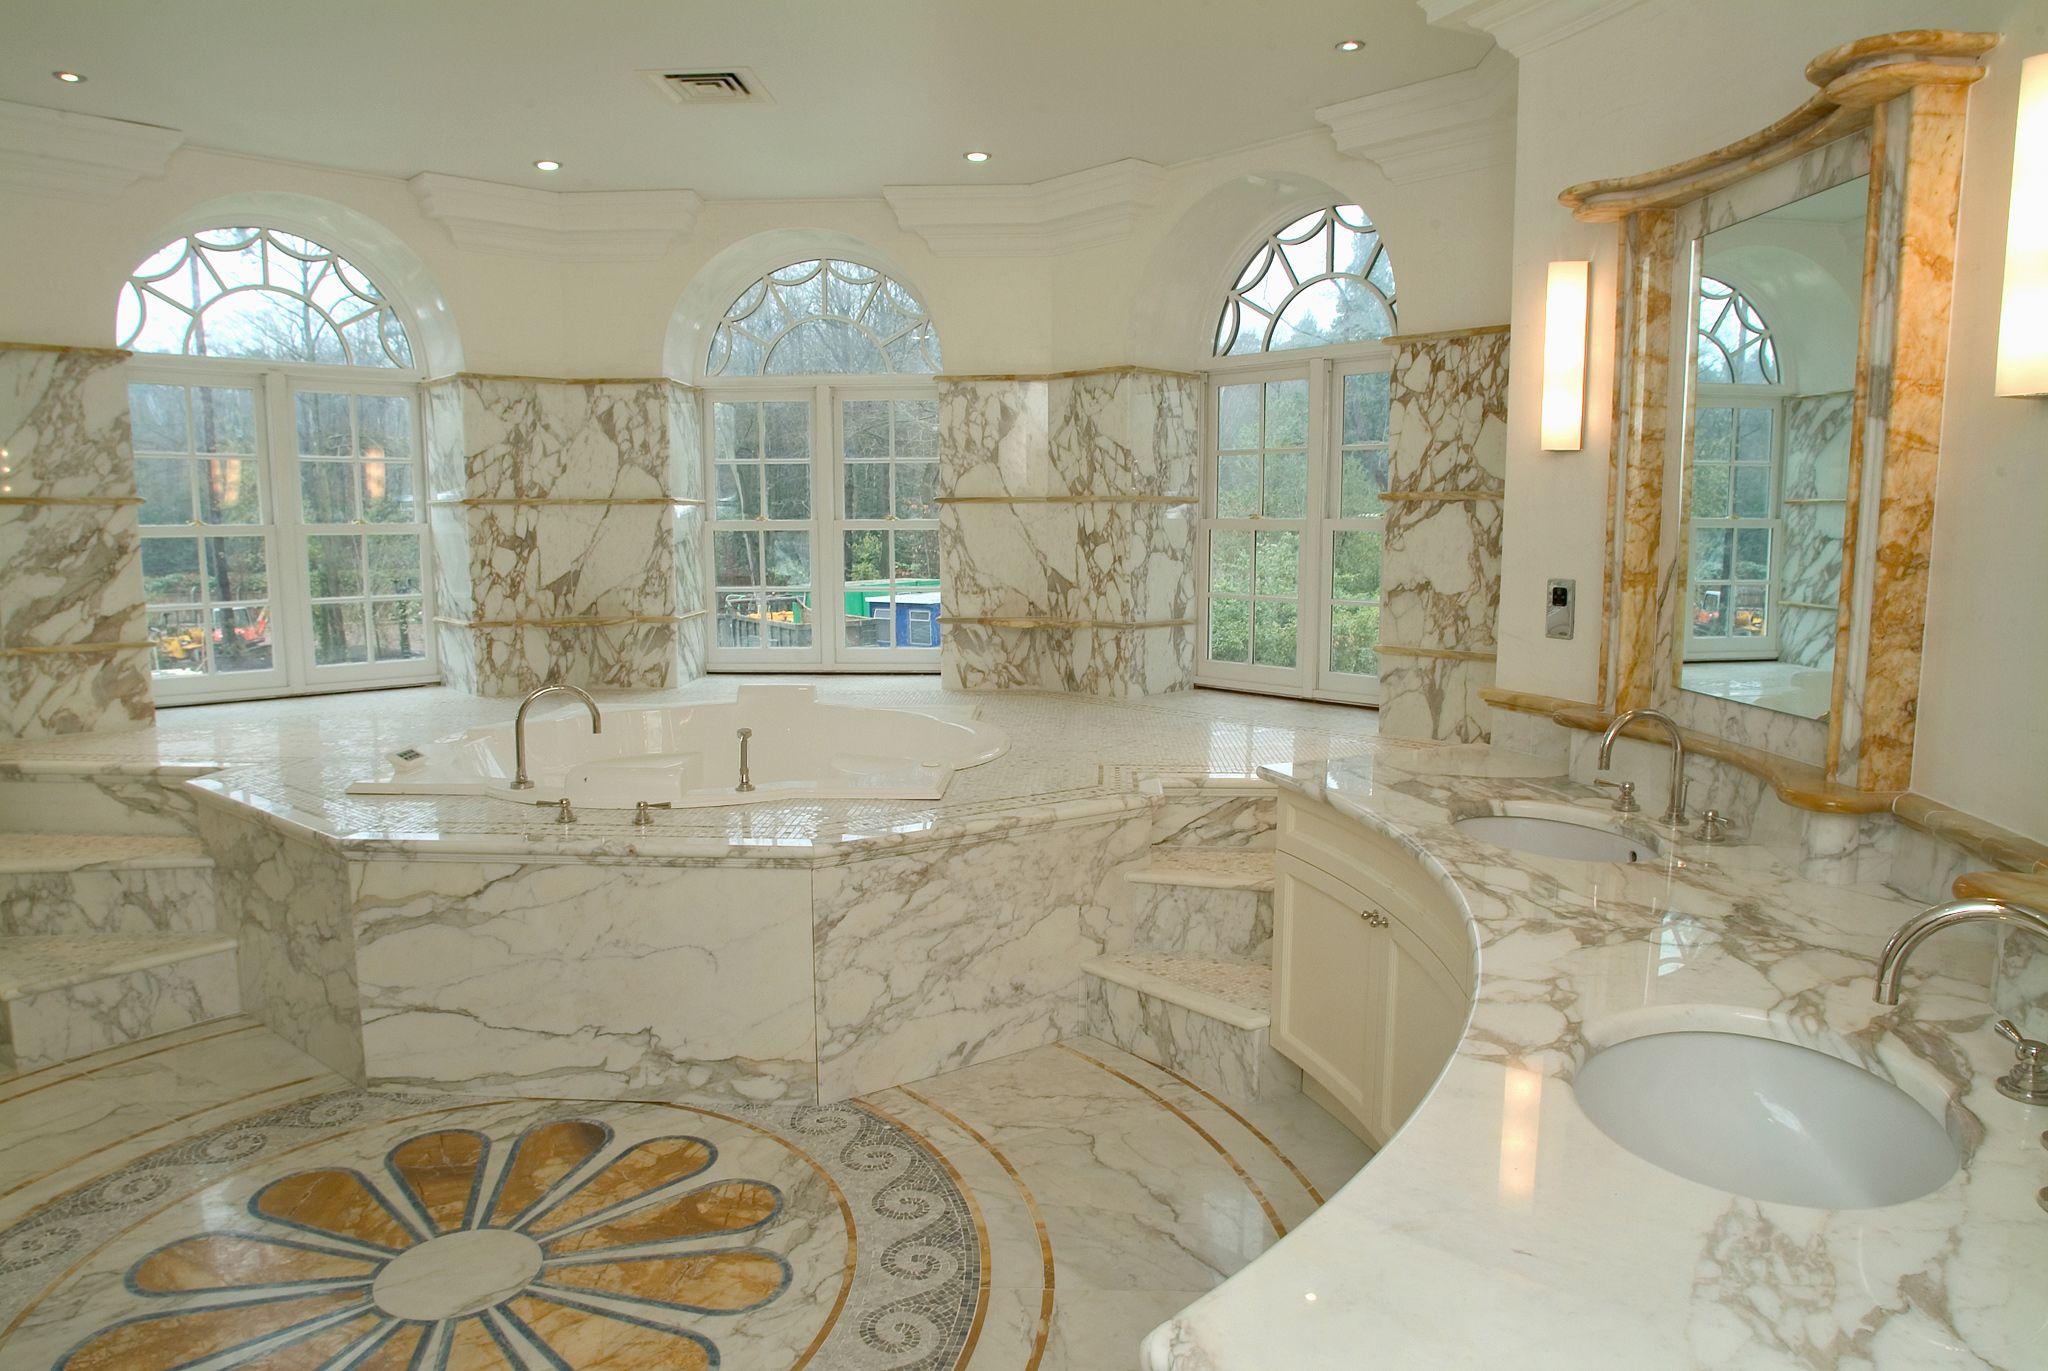 buckingham palace bathroom  Google Search  HOME  Bathroom House styles Home Decor